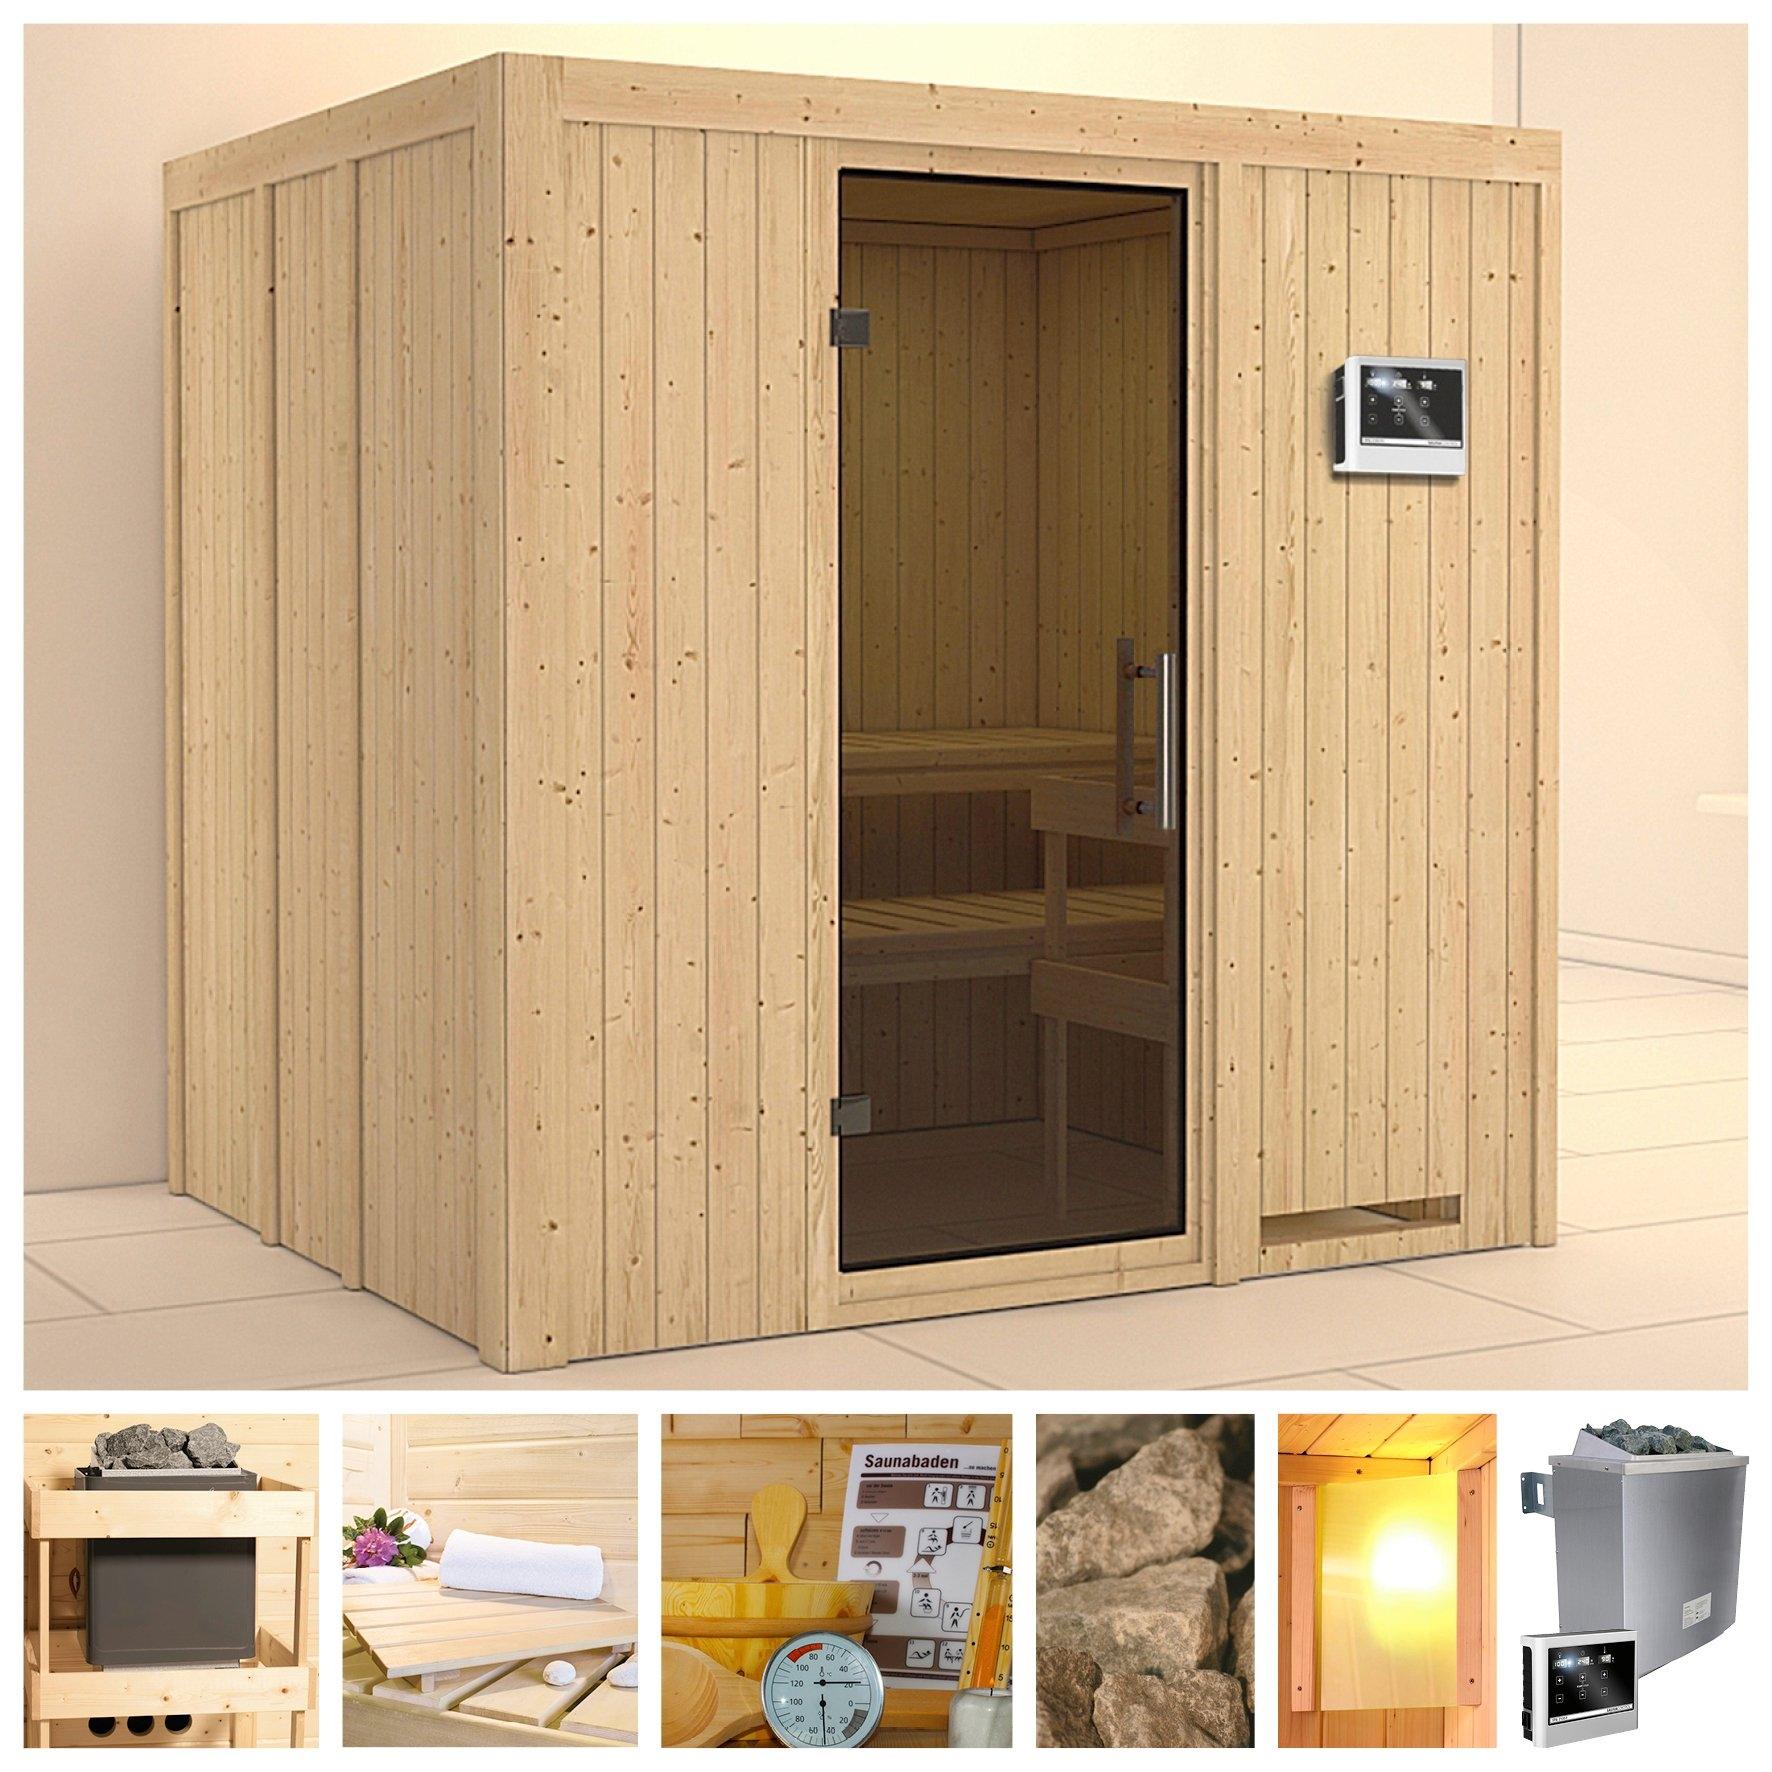 KONIFERA sauna »Sodin«, 196/170/198 cm, 9-kW-Ofen mit ext. Steuerung, Glastür grafit bij OTTO online kopen